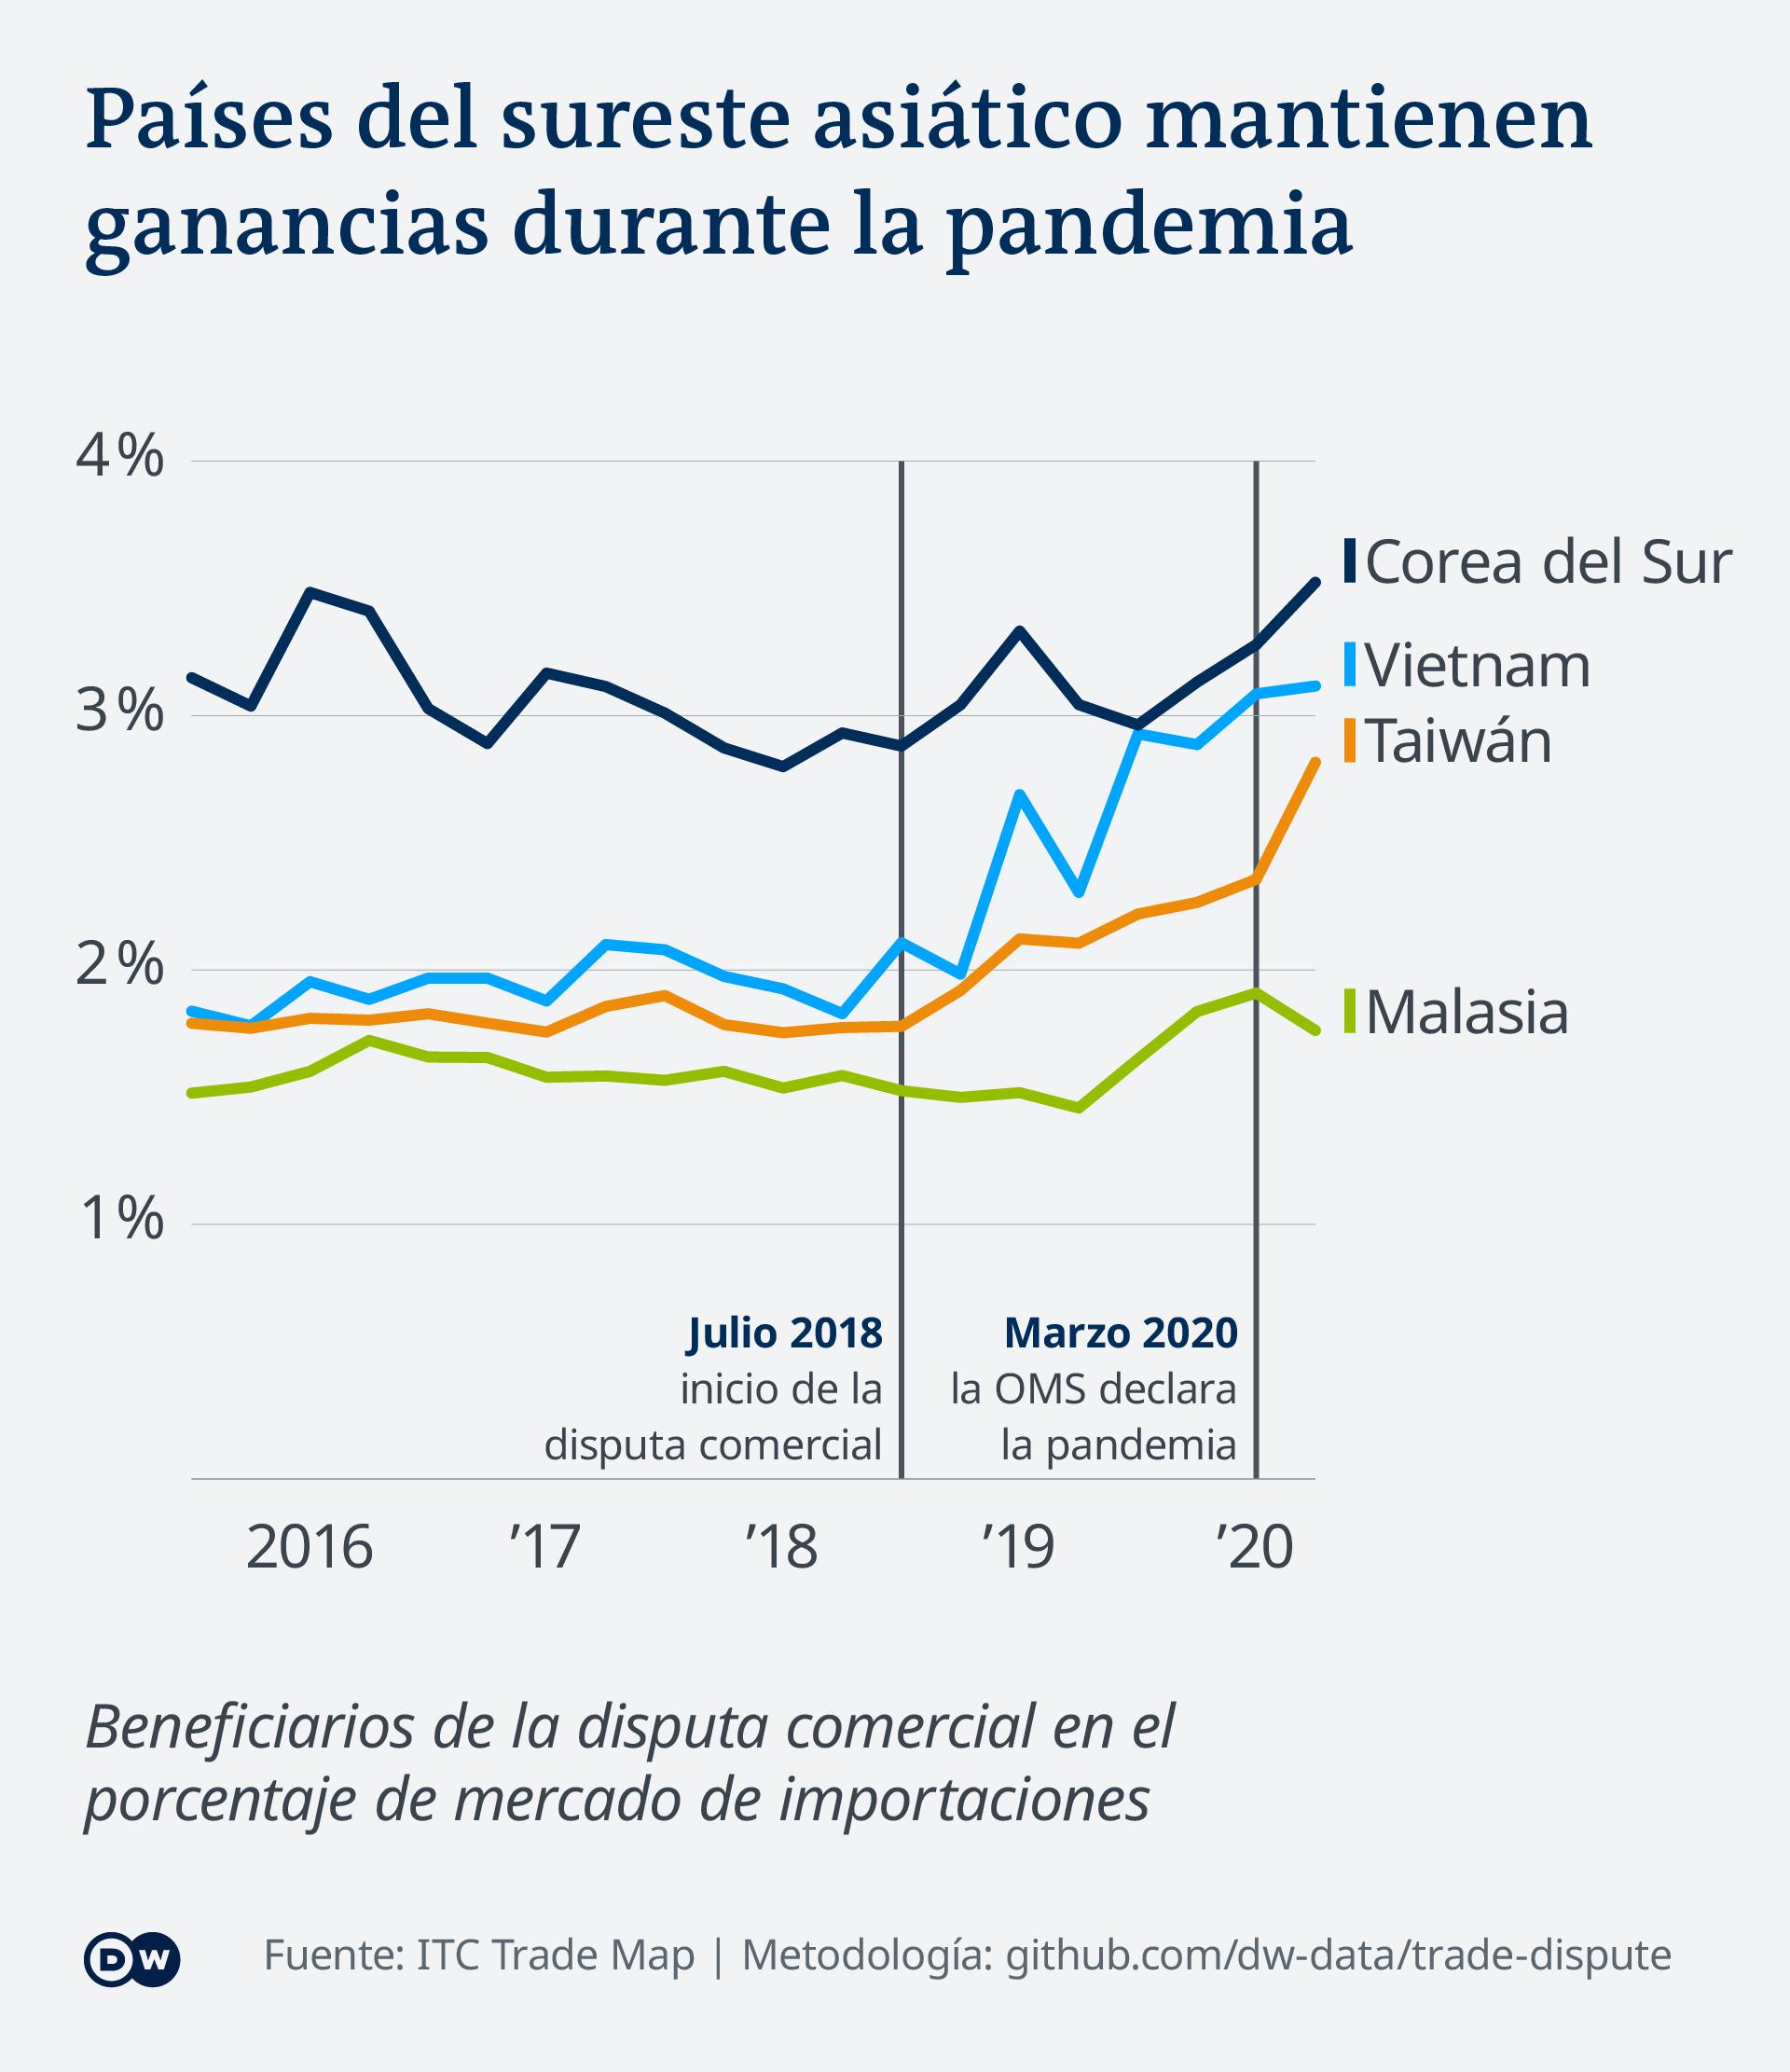 Infografik - Gains during pandemic - ES